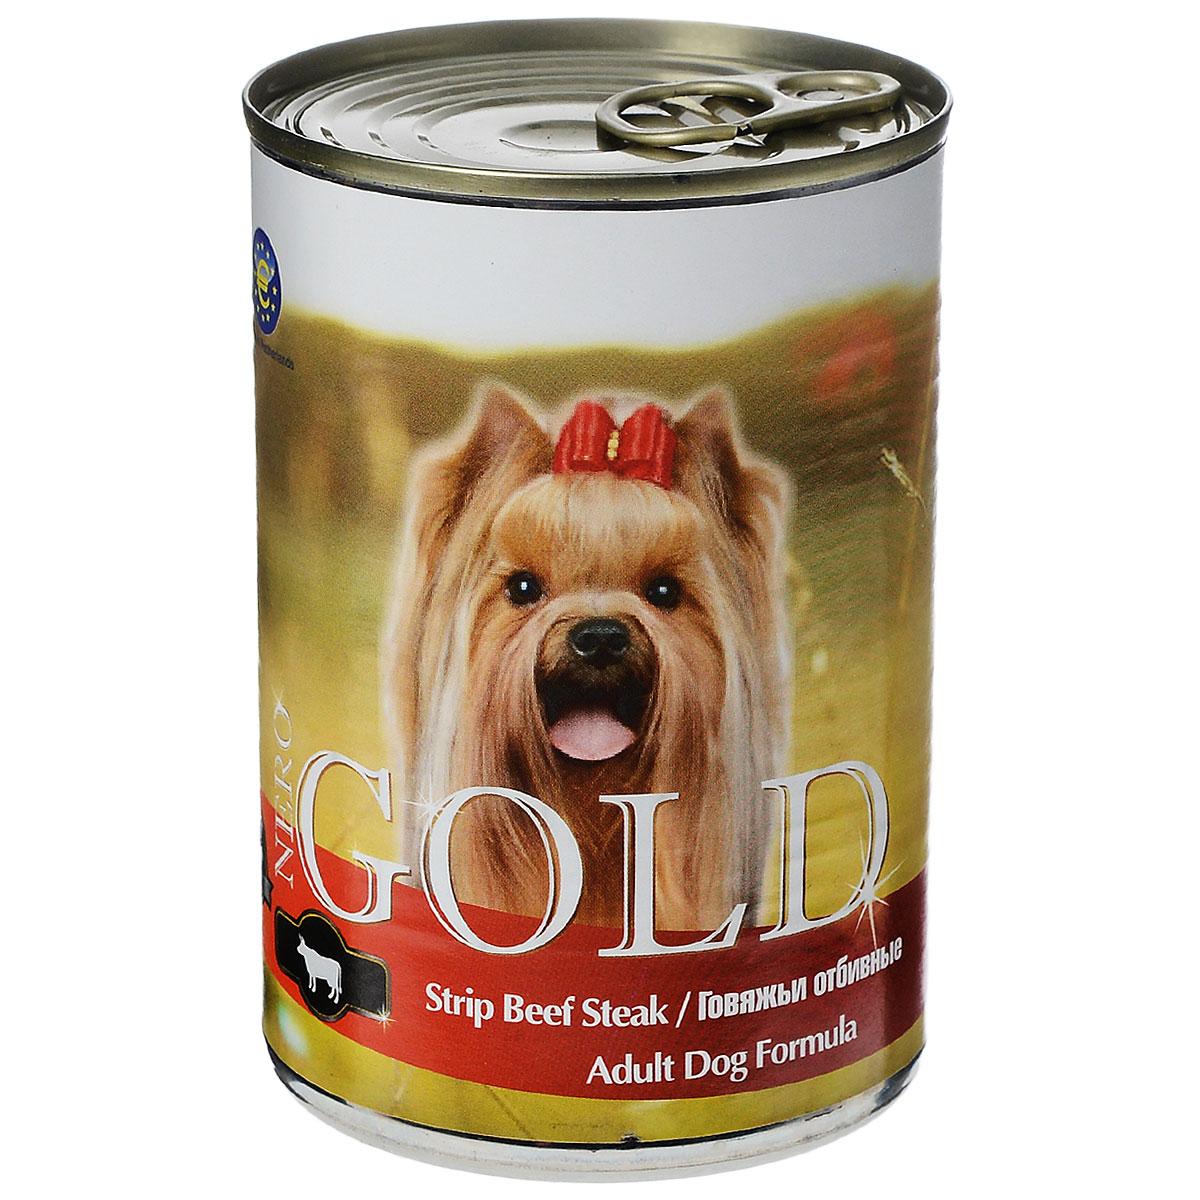 Консервы для собак Nero Gold, с говяжьей отбивной, 410 г10270Консервы для собак Nero Gold - полнорационный продукт, содержащий все необходимые витамины и минералы, сбалансированный для поддержания оптимального здоровья вашего питомца! Состав: мясо и его производные, филе курицы, говядина, злаки, витамины и минералы. Гарантированный анализ: белки 6,5%, жиры 4,5%, клетчатка 0,5%, зола 2%, влага 81%.Пищевые добавки на 1 кг продукта: витамин А 1600 МЕ, витамин D 140 МЕ, витамин Е 10 МЕ, железо 24 мг, марганец 6 мг, цинк 15 мг, медь 1 мг, магний 200 мг, йод 0,3 мг, селен 0,2 мг.Вес: 410 г. Товар сертифицирован.